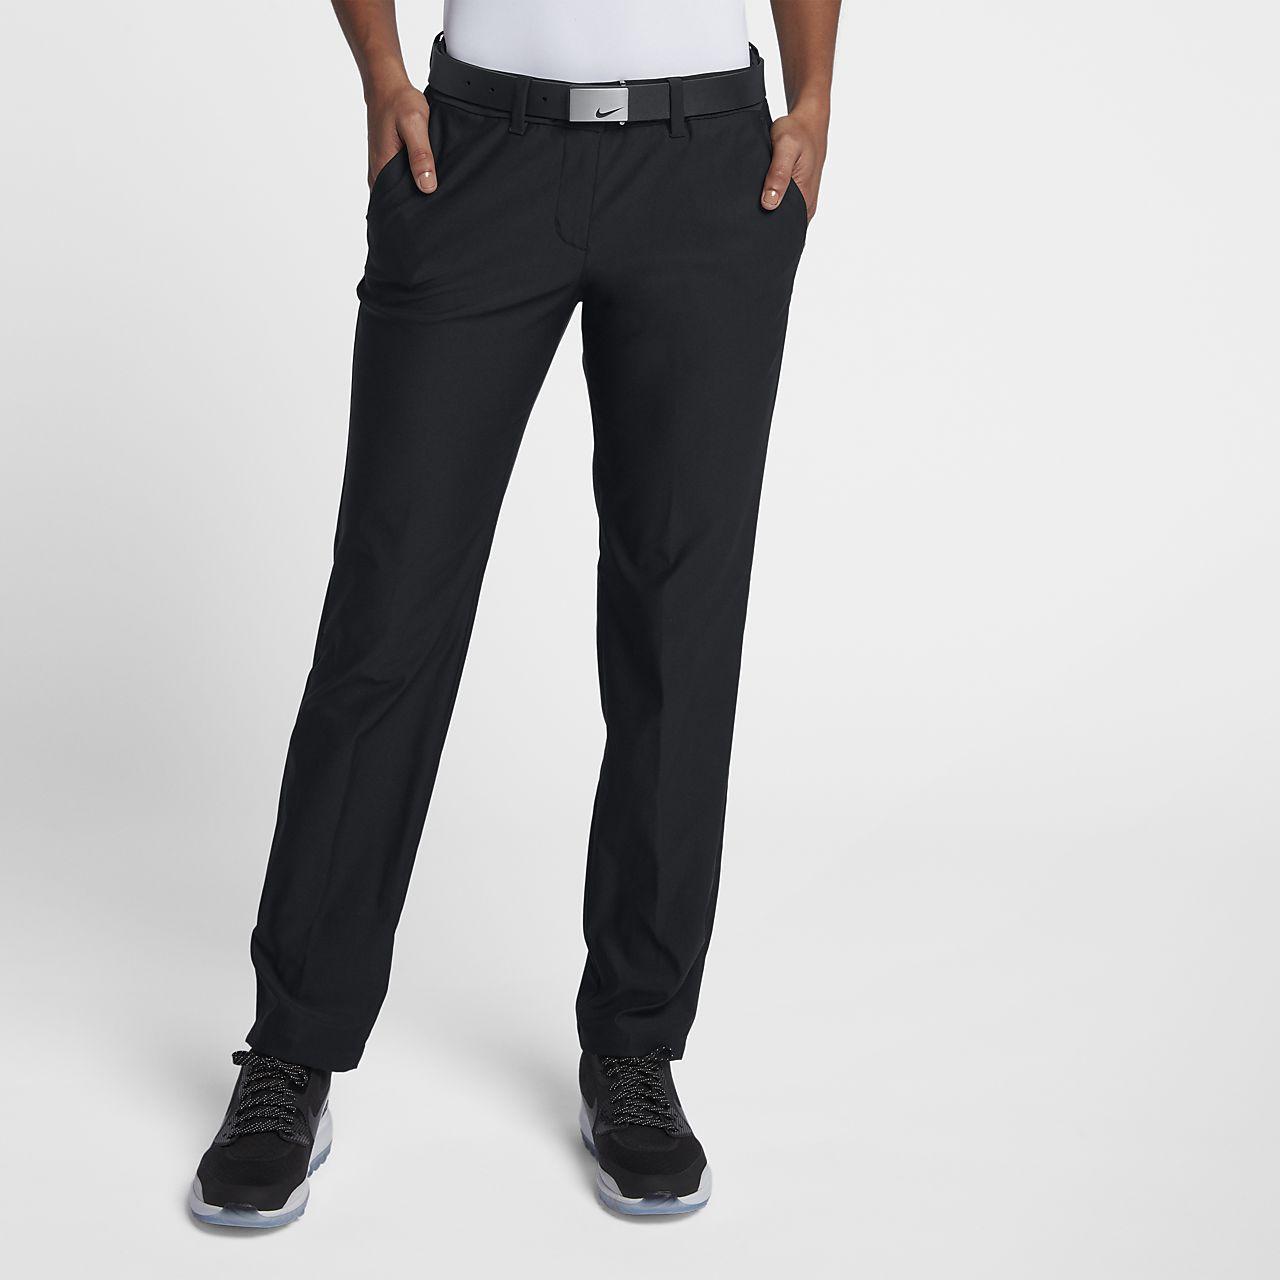 Dámské golfové kalhoty Nike Flex